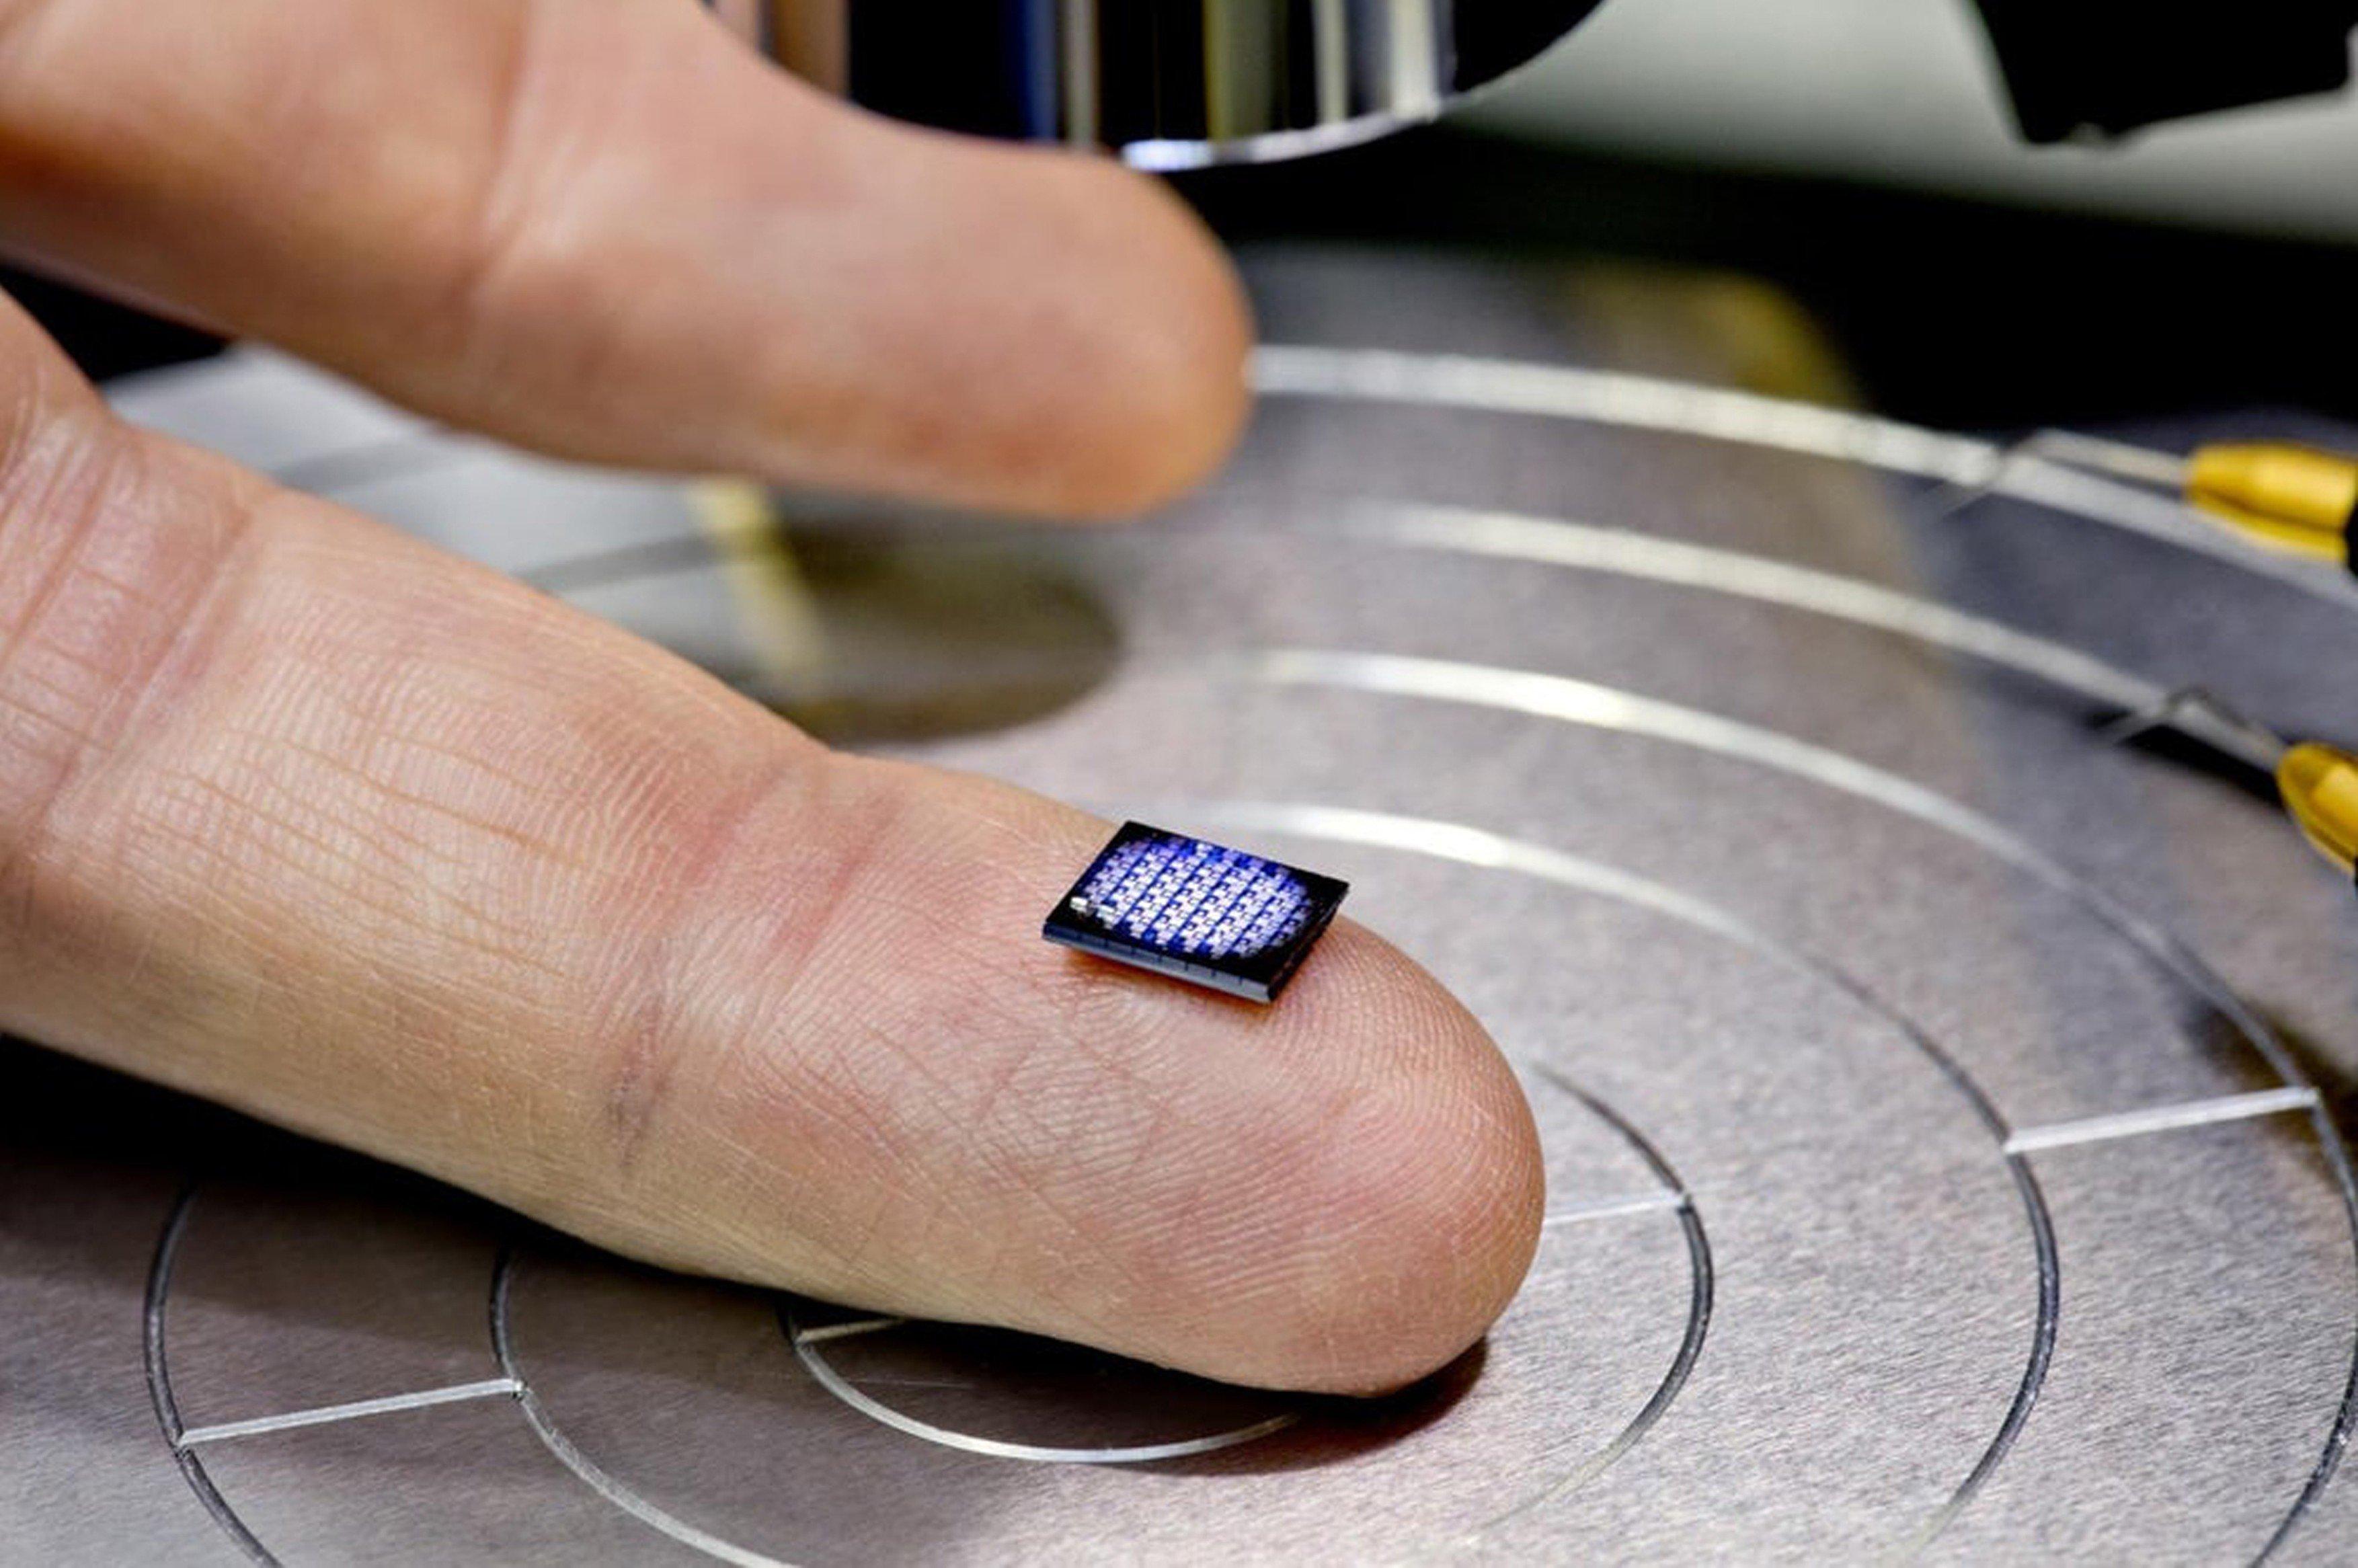 Novi računalnik podjetja IBM meri zgolj 1 x 1 milimetrov.